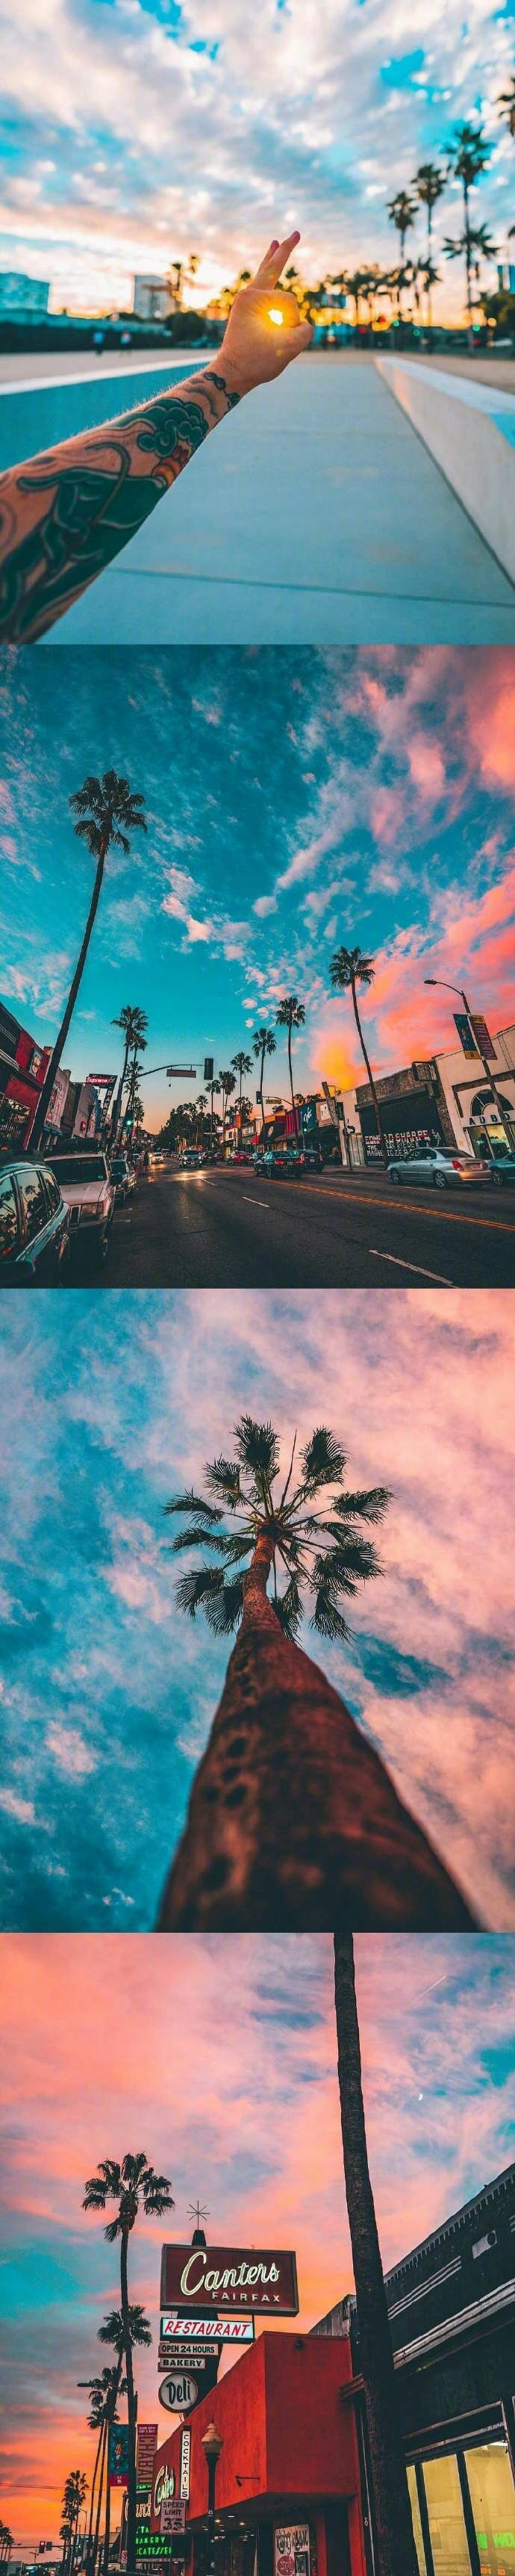 裸囹la9f_想和爱的人去洛杉矶la看椰树